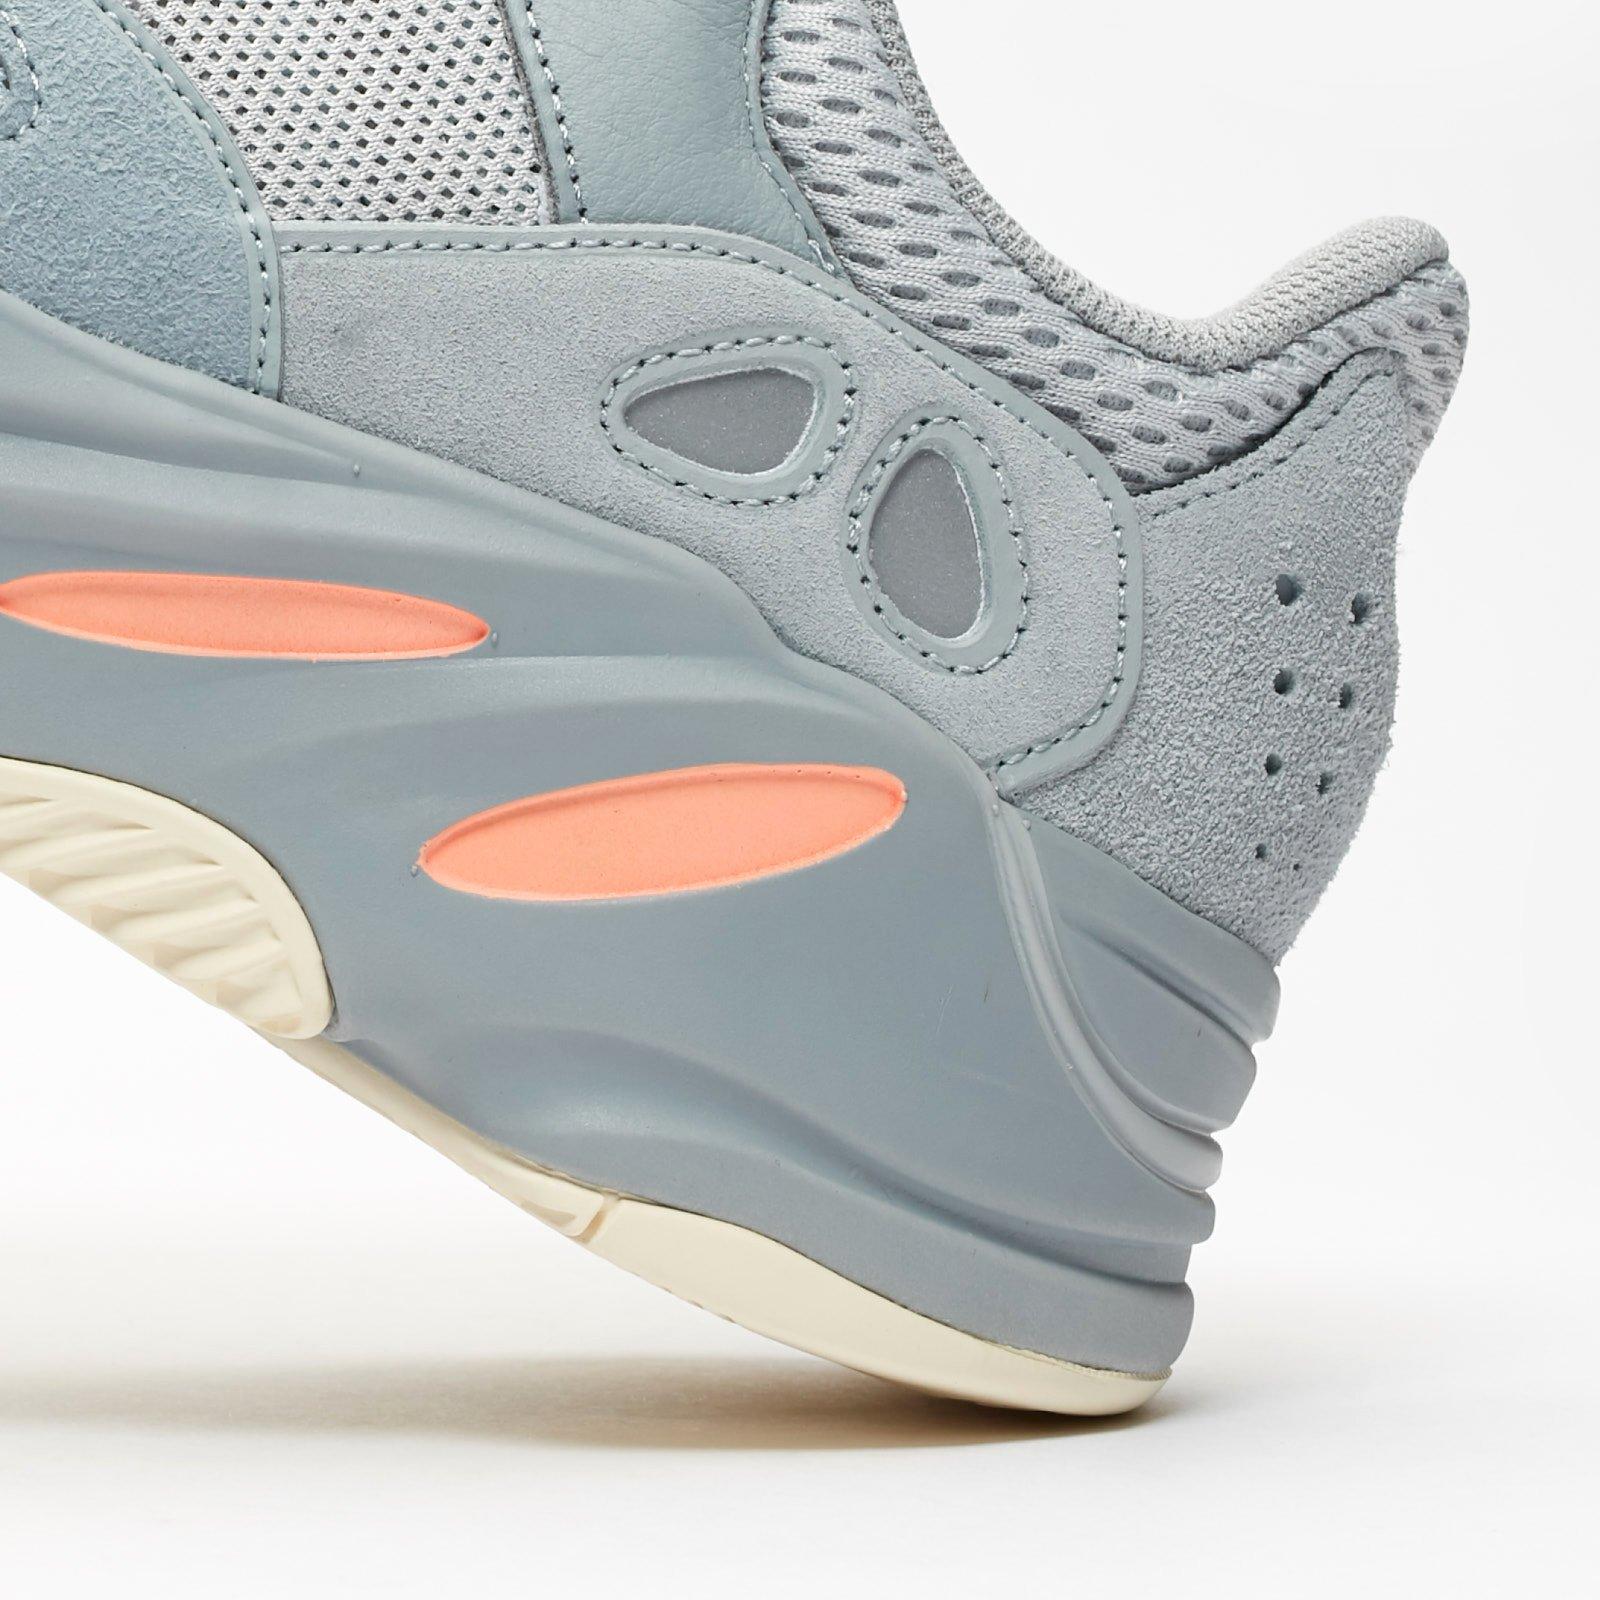 92113a53d06f0 adidas Yeezy Boost 700 - Eg7597 - Sneakersnstuff